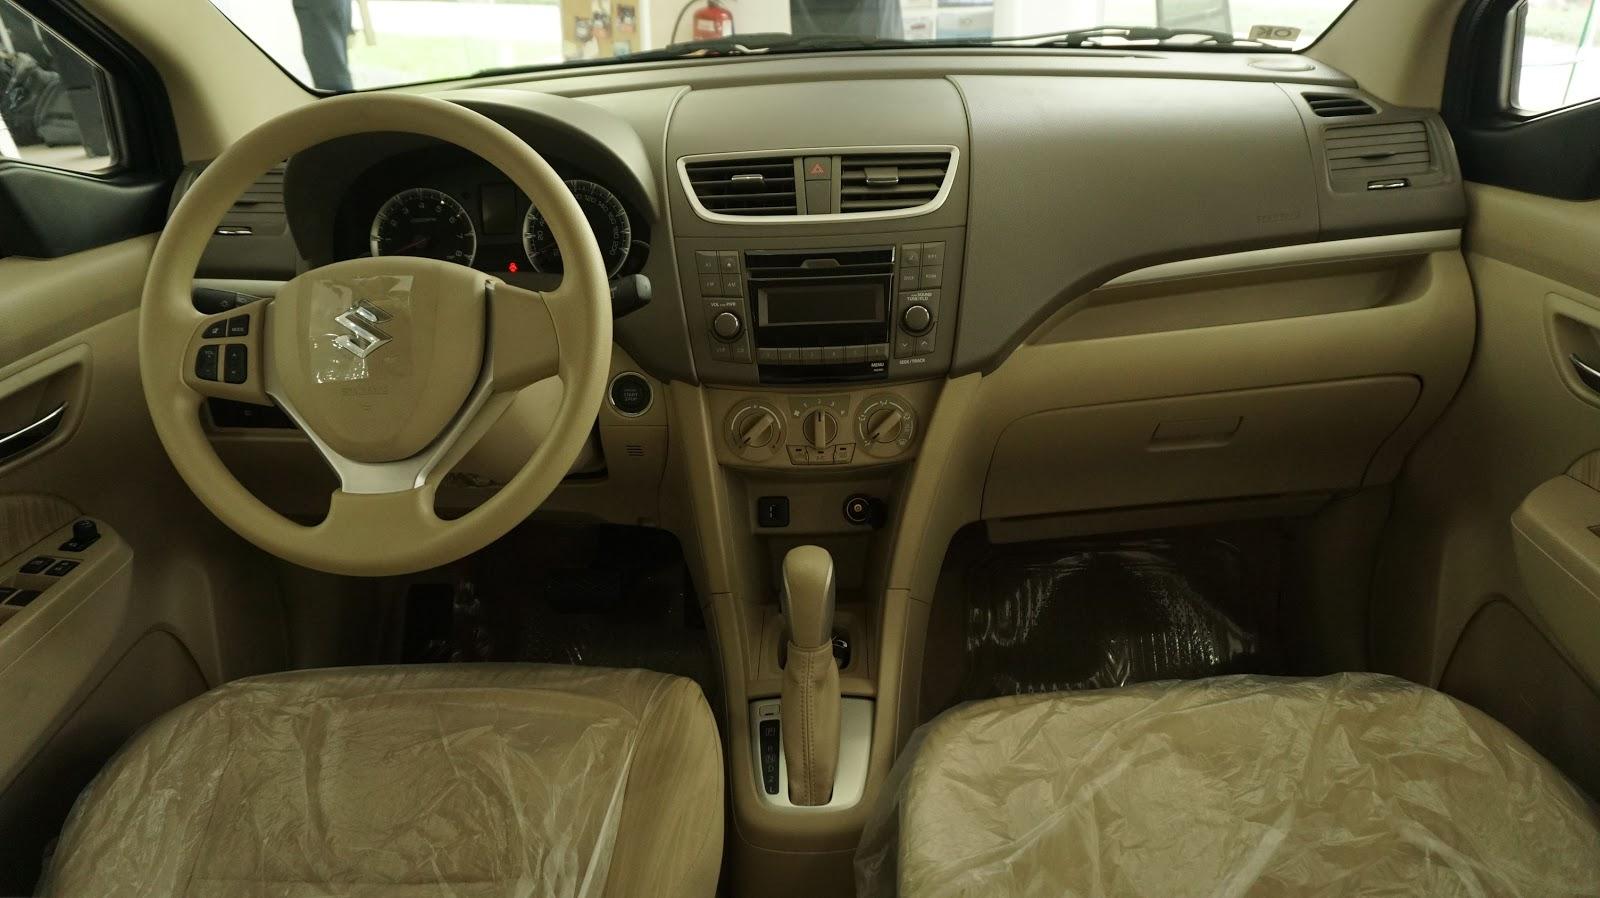 Suzuki Ertiga 2016 phải nói là một chiếc xe gia đình rất thực dụng và đảm bảo nó sẽ rất bền